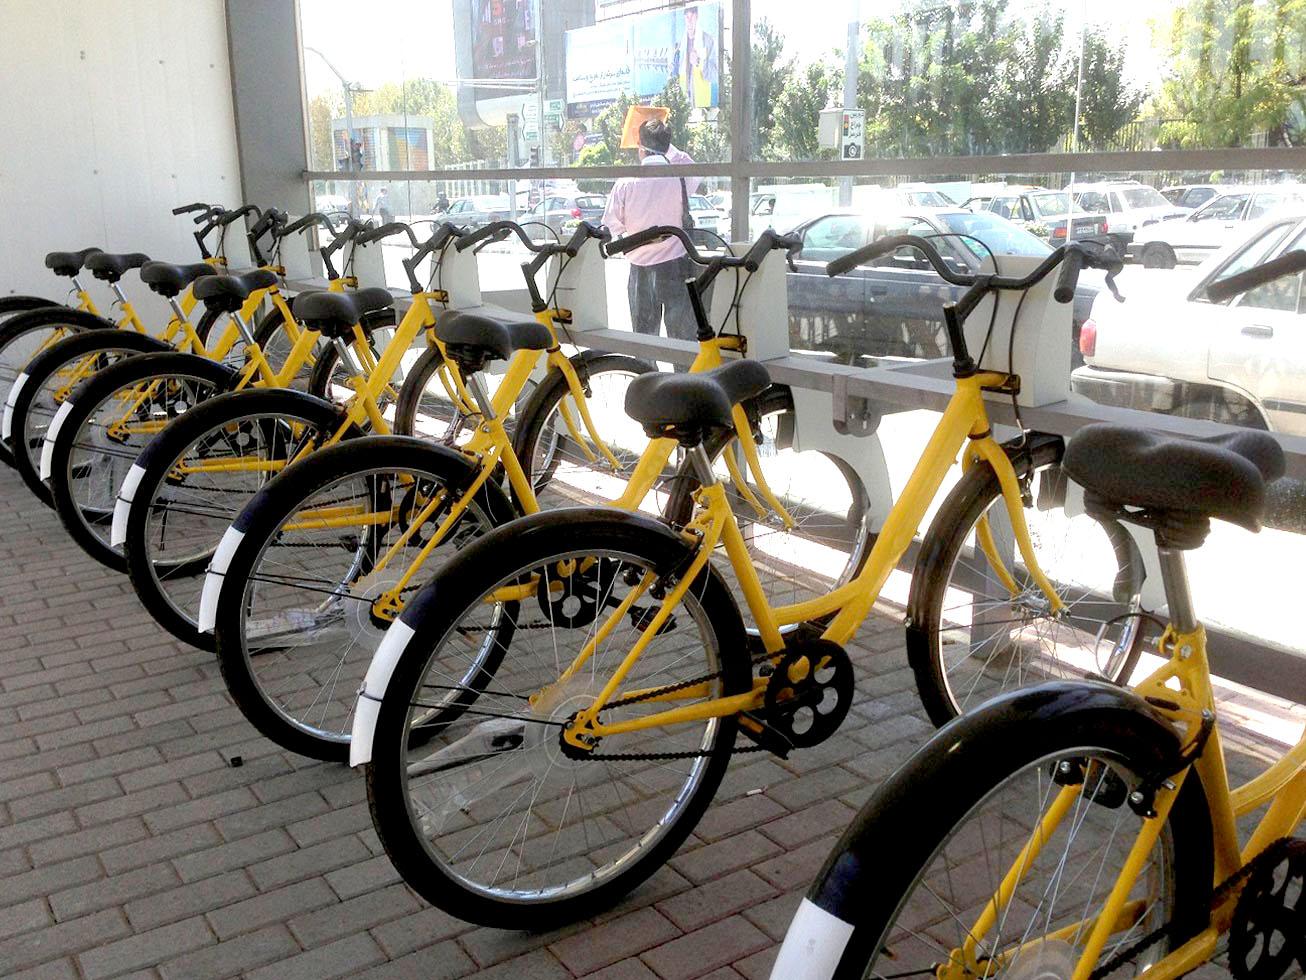 دوچرخه های بی سوار